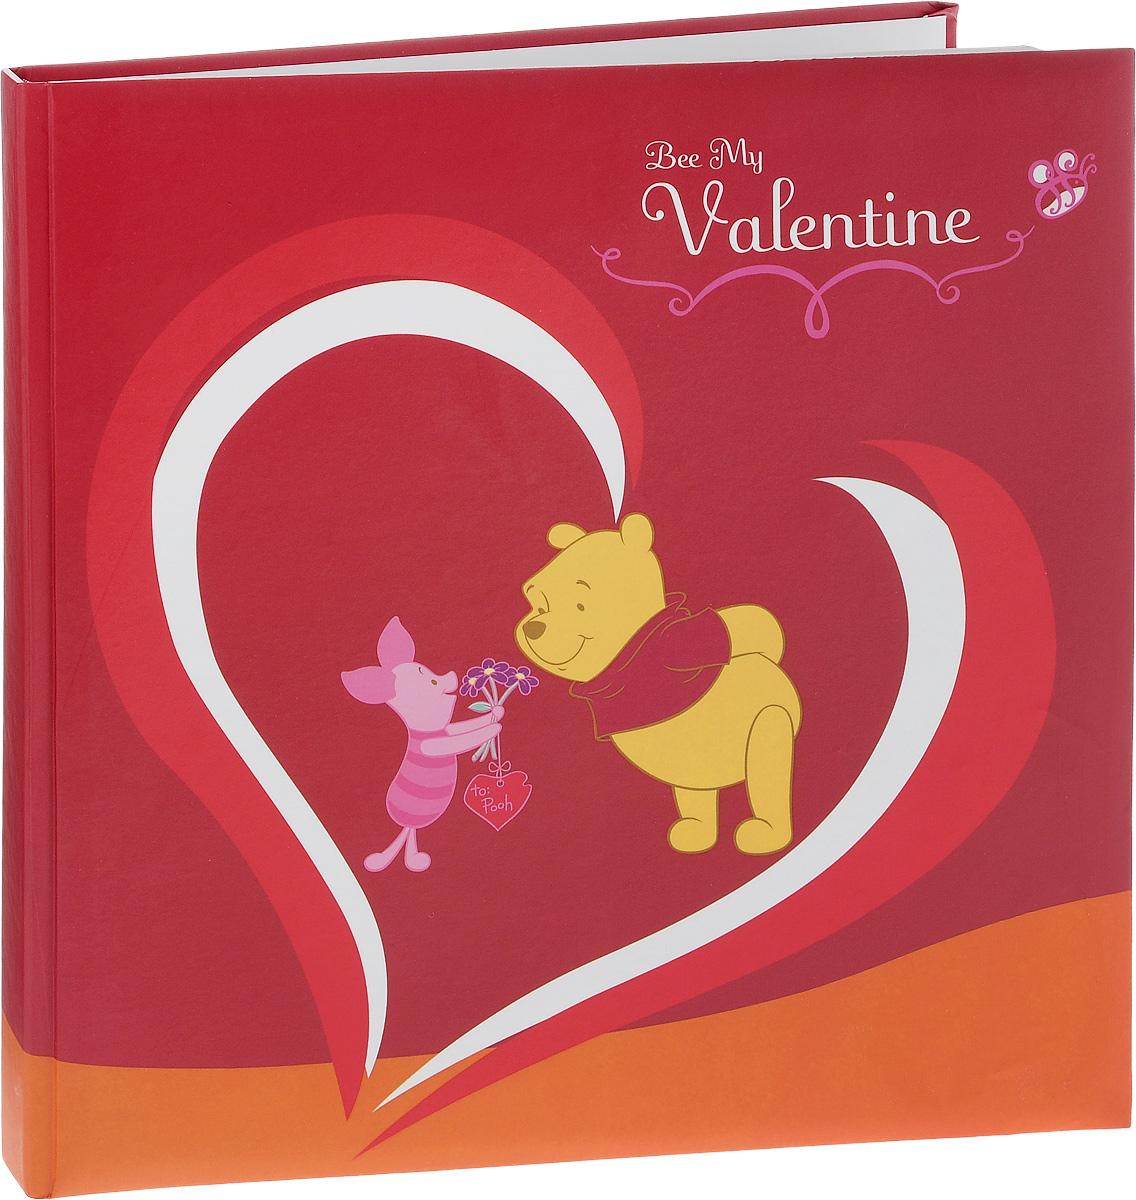 Фотоальбом Pioneer Disney Valentine, цвет: красный, 20 магнитных листов, 29 х 32 см10101 LM-SA20BB/C_красныйФотоальбом Pioneer Disney Valentine поможет красиво оформить ваши фотографии. Обложка, выполненная из толстого картона, оформлена красочным детским рисунком. Альбом с магнитными листами удобен тем, что он позволяет размещать фотографии разных размеров. Тип скрепления - спираль. Магнитные страницы обладают следующими преимуществами: - Не нужно прикладывать усилий для закрепления фотографий; - Не нужно заботиться о размерах фотографий, так как вы можете вставить в альбом фотографии разных размеров; - Защита фотографий от постоянных прикосновений зрителей с помощью пленки ПВХ. Нам всегда так приятно вспоминать о самых счастливых моментах жизни, запечатленных на фотографиях. Поэтому фотоальбом является универсальным подарком к любому празднику. Количество листов: 20 шт. Размер листа: 29 х 32 см.